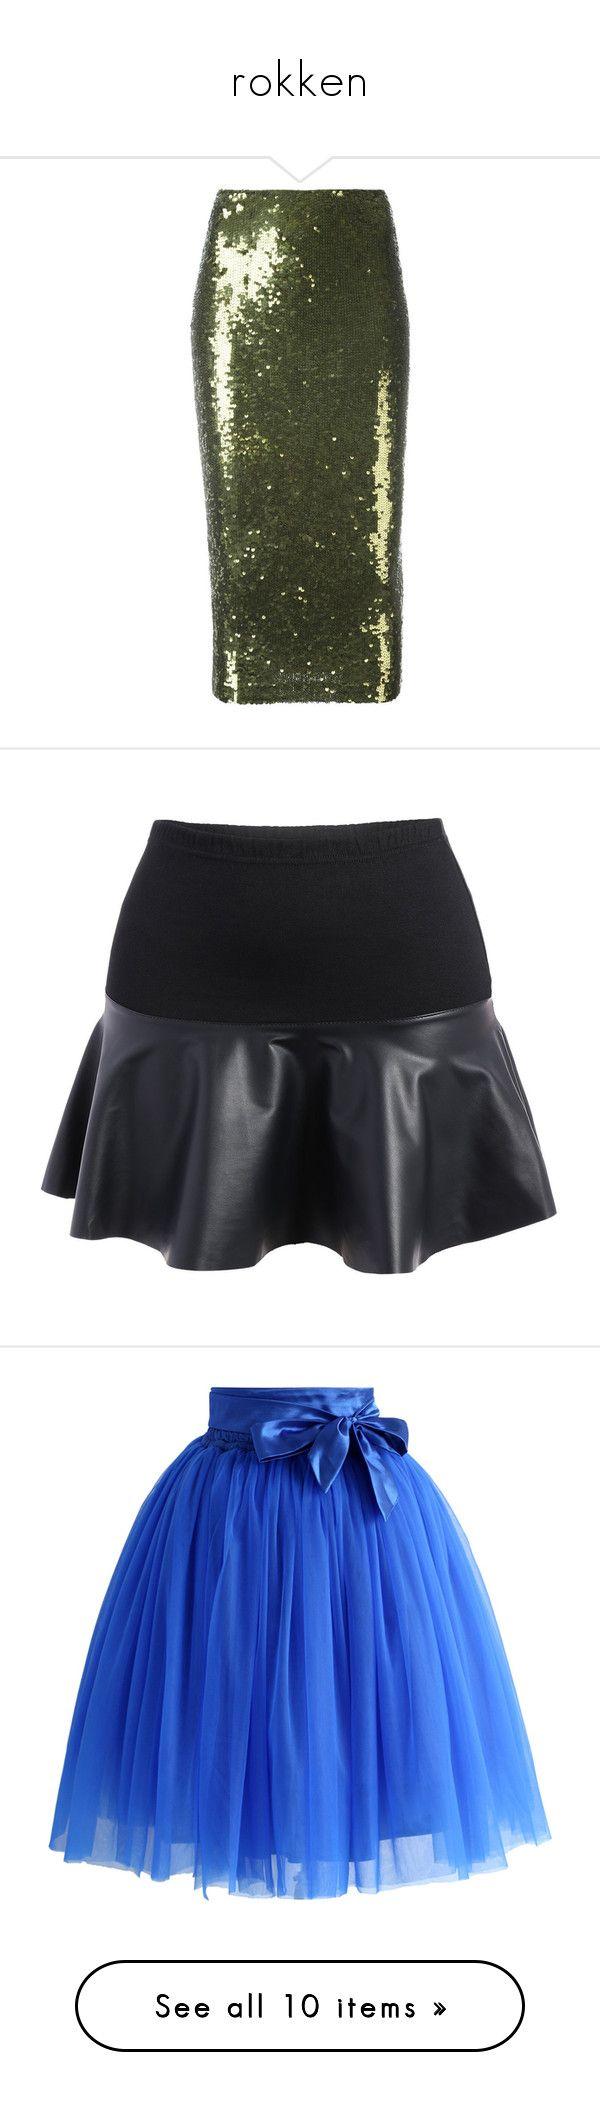 """""""rokken"""" by jitske-demolie ❤ liked on Polyvore featuring skirts, green, sequin skirt, green skirt, green sequin skirt, rosegal, plus size knee length skirts, womens plus size skirts, plus size skirts and bottoms"""